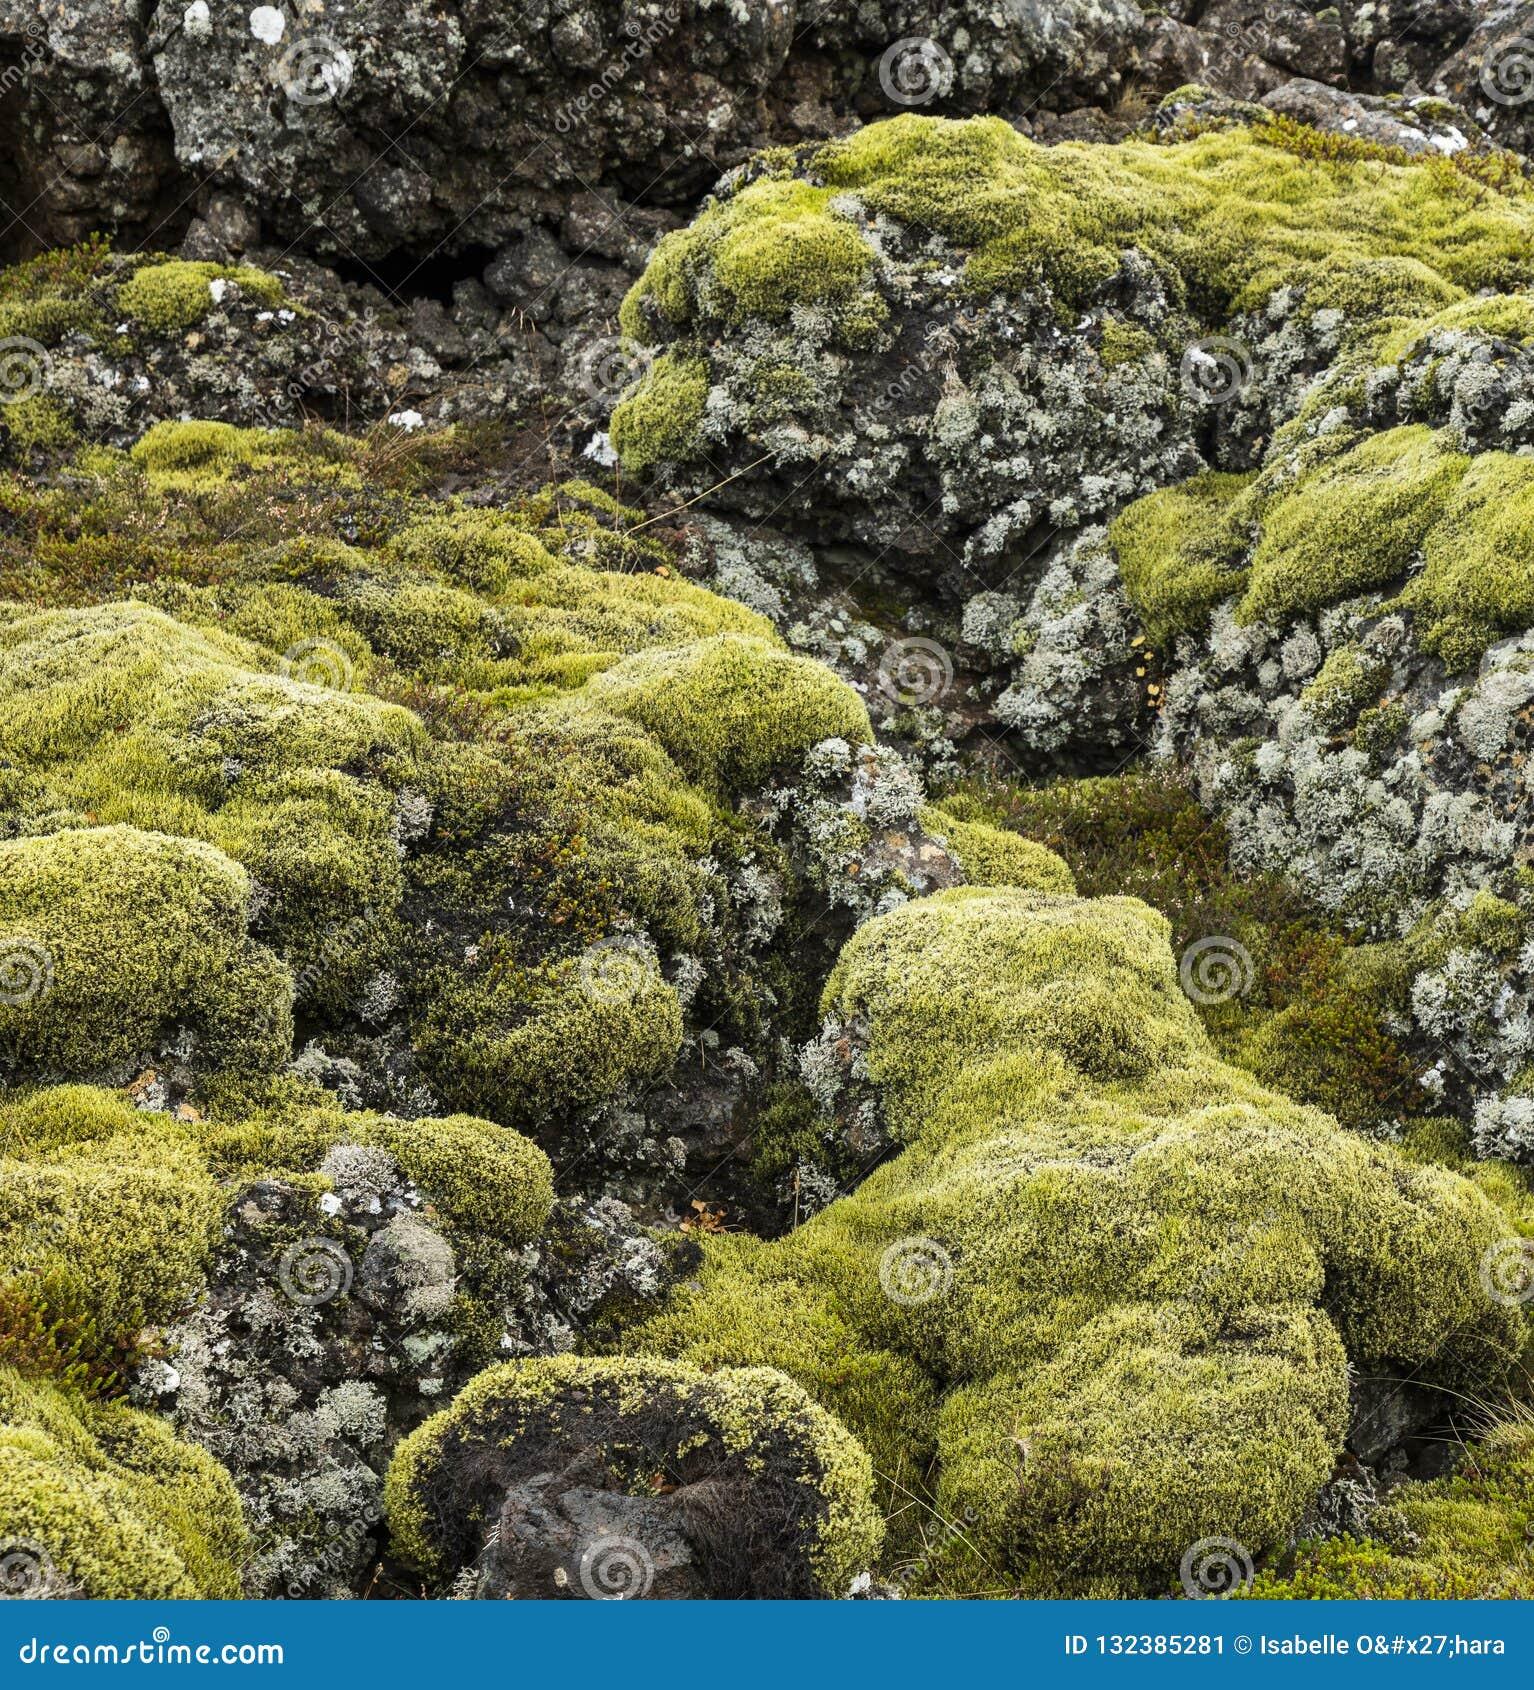 Jaskrawy - zielony mech i szarość liszaj zakrywaliśmy bazaltową lub powulkaniczną skałę